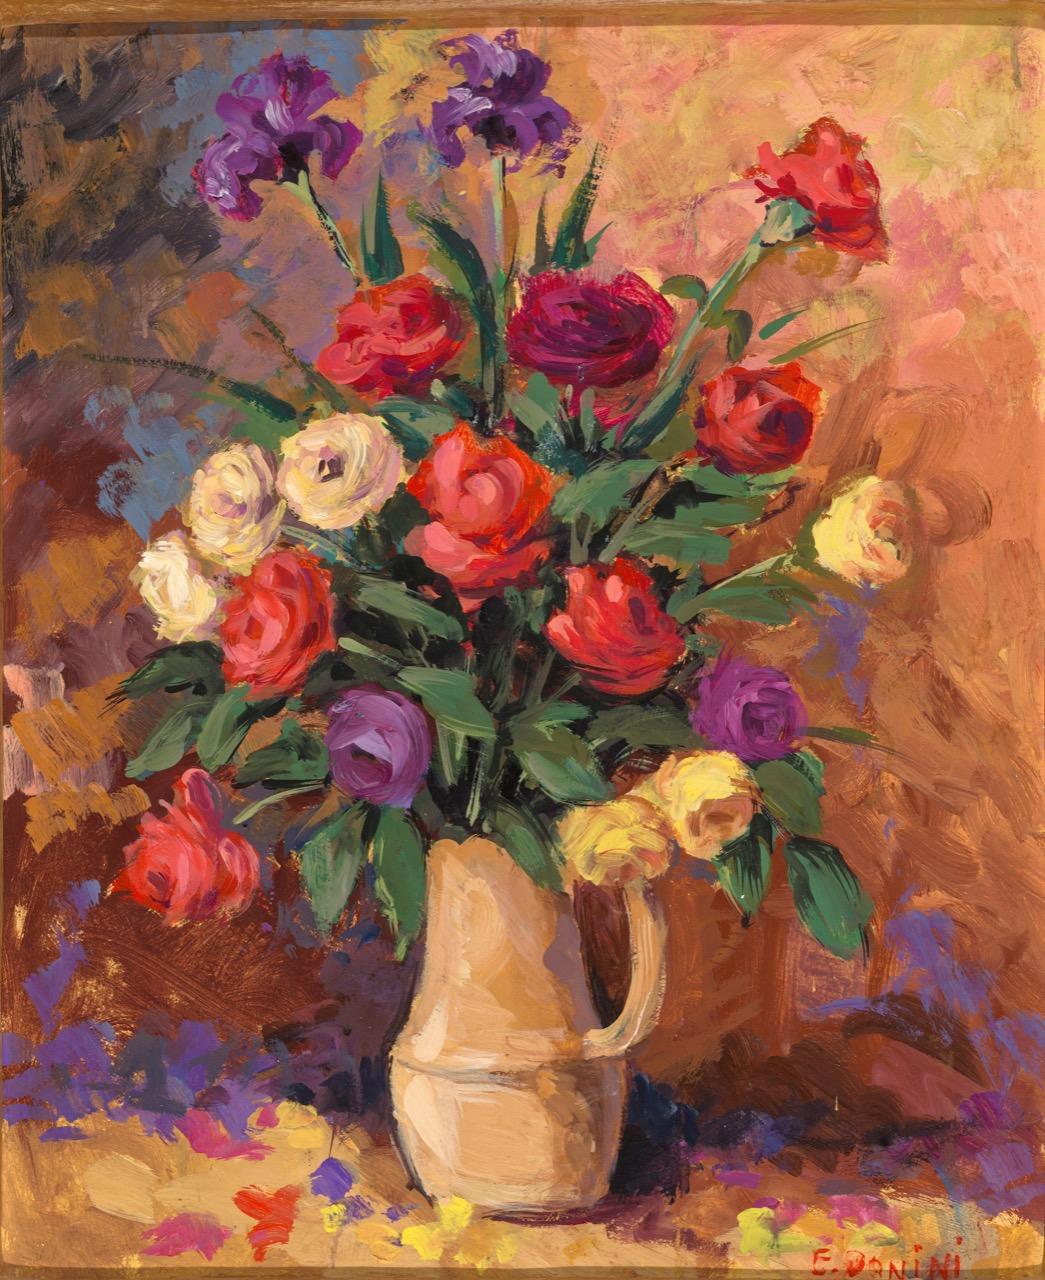 Rose, anni '80, olio su faesite, 60x50 cm